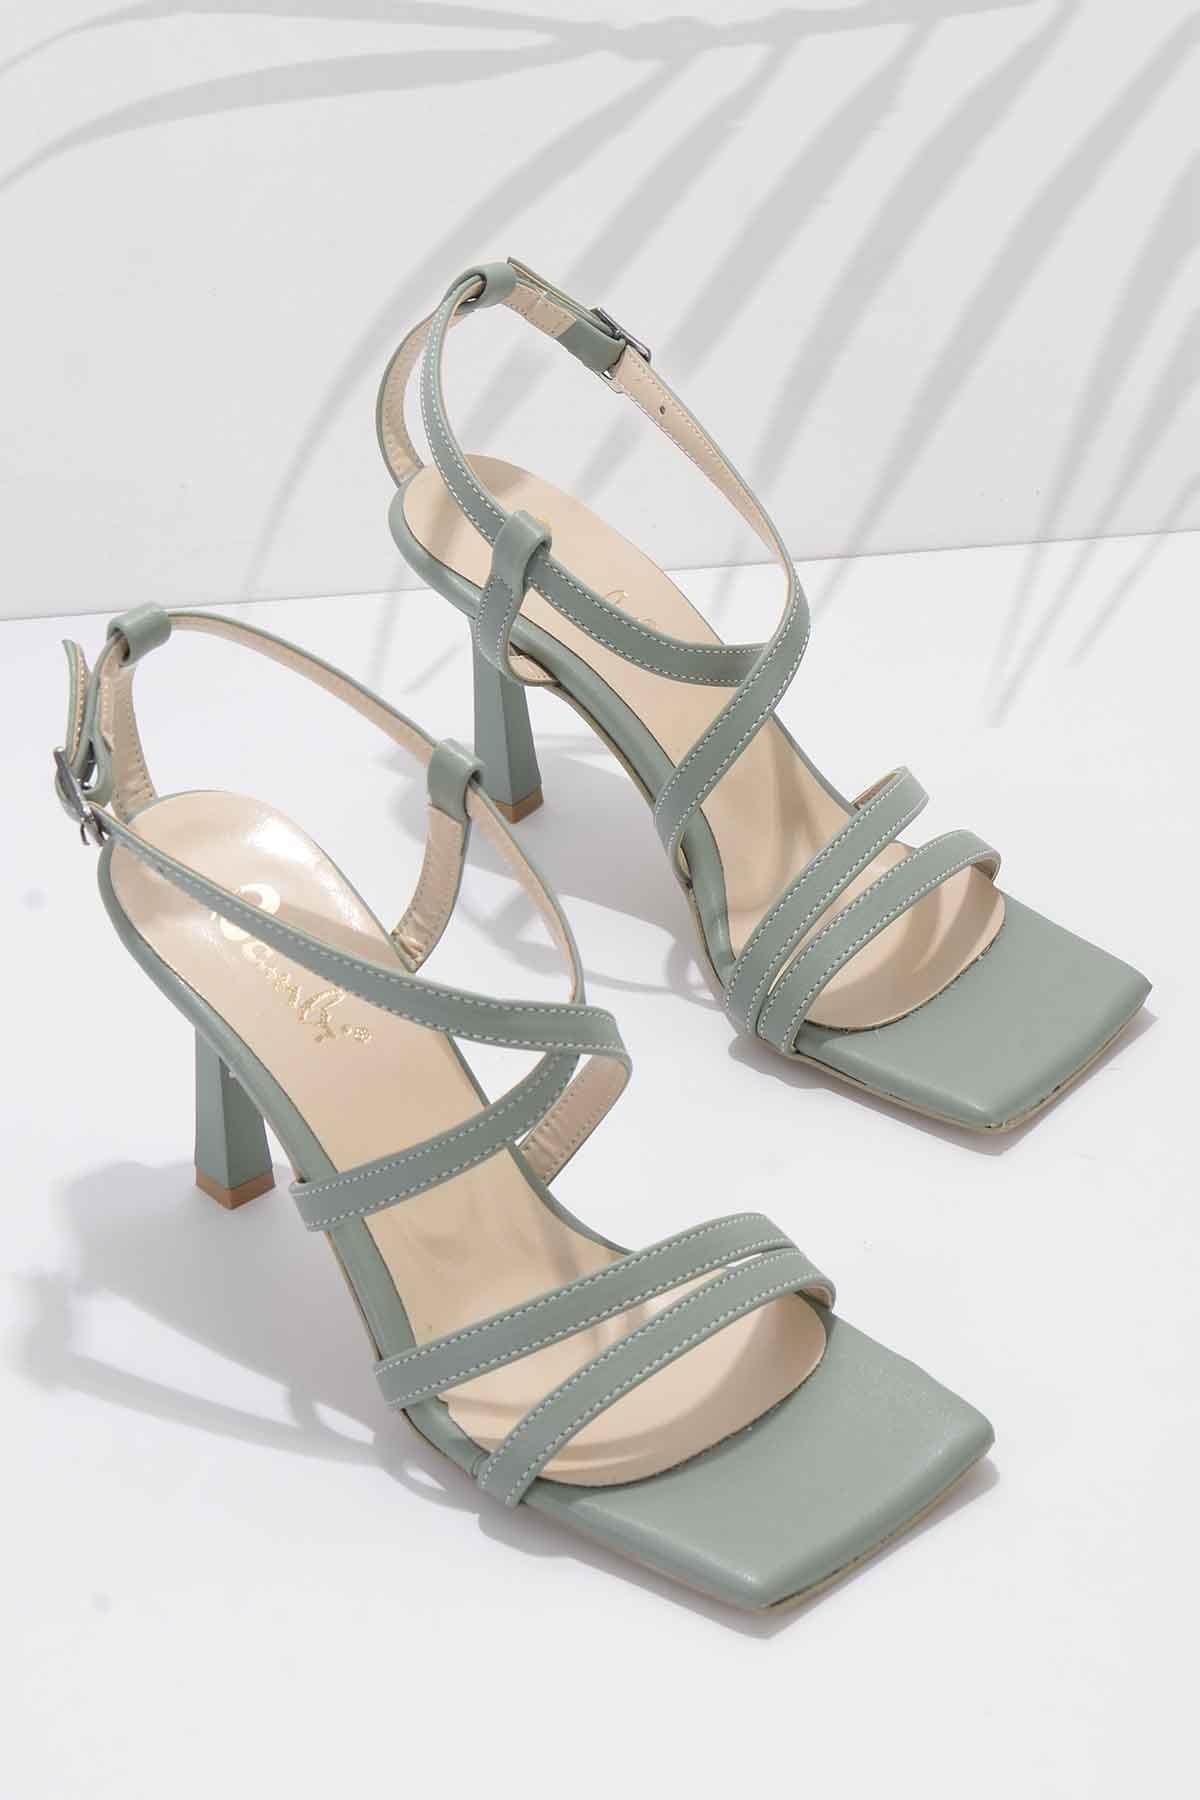 Bambi Su Yeşili Kadın Klasik Topuklu Ayakkabı K01527250309